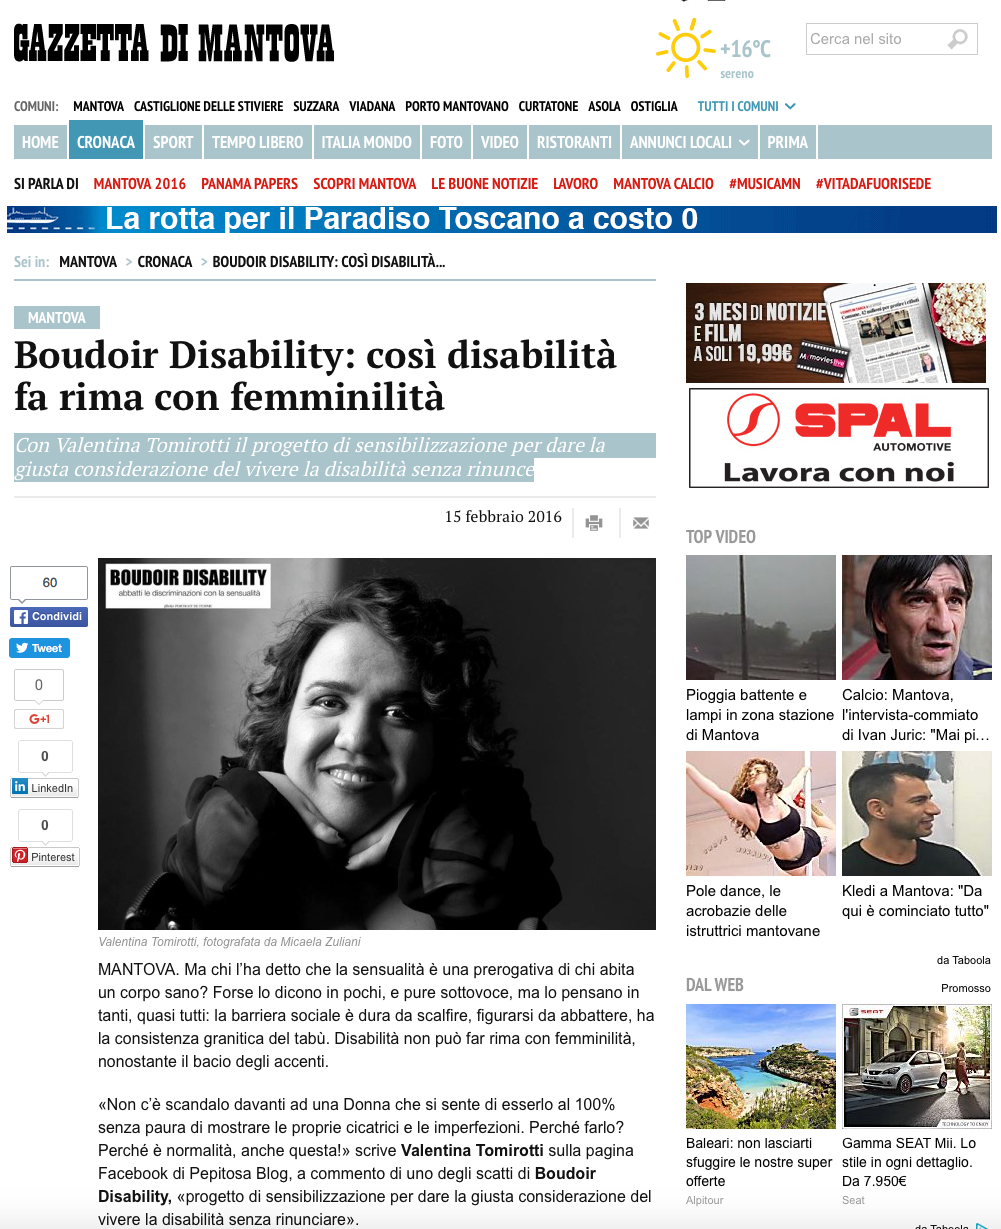 Boudoir Disability: così disabilità fa rima con femminilità